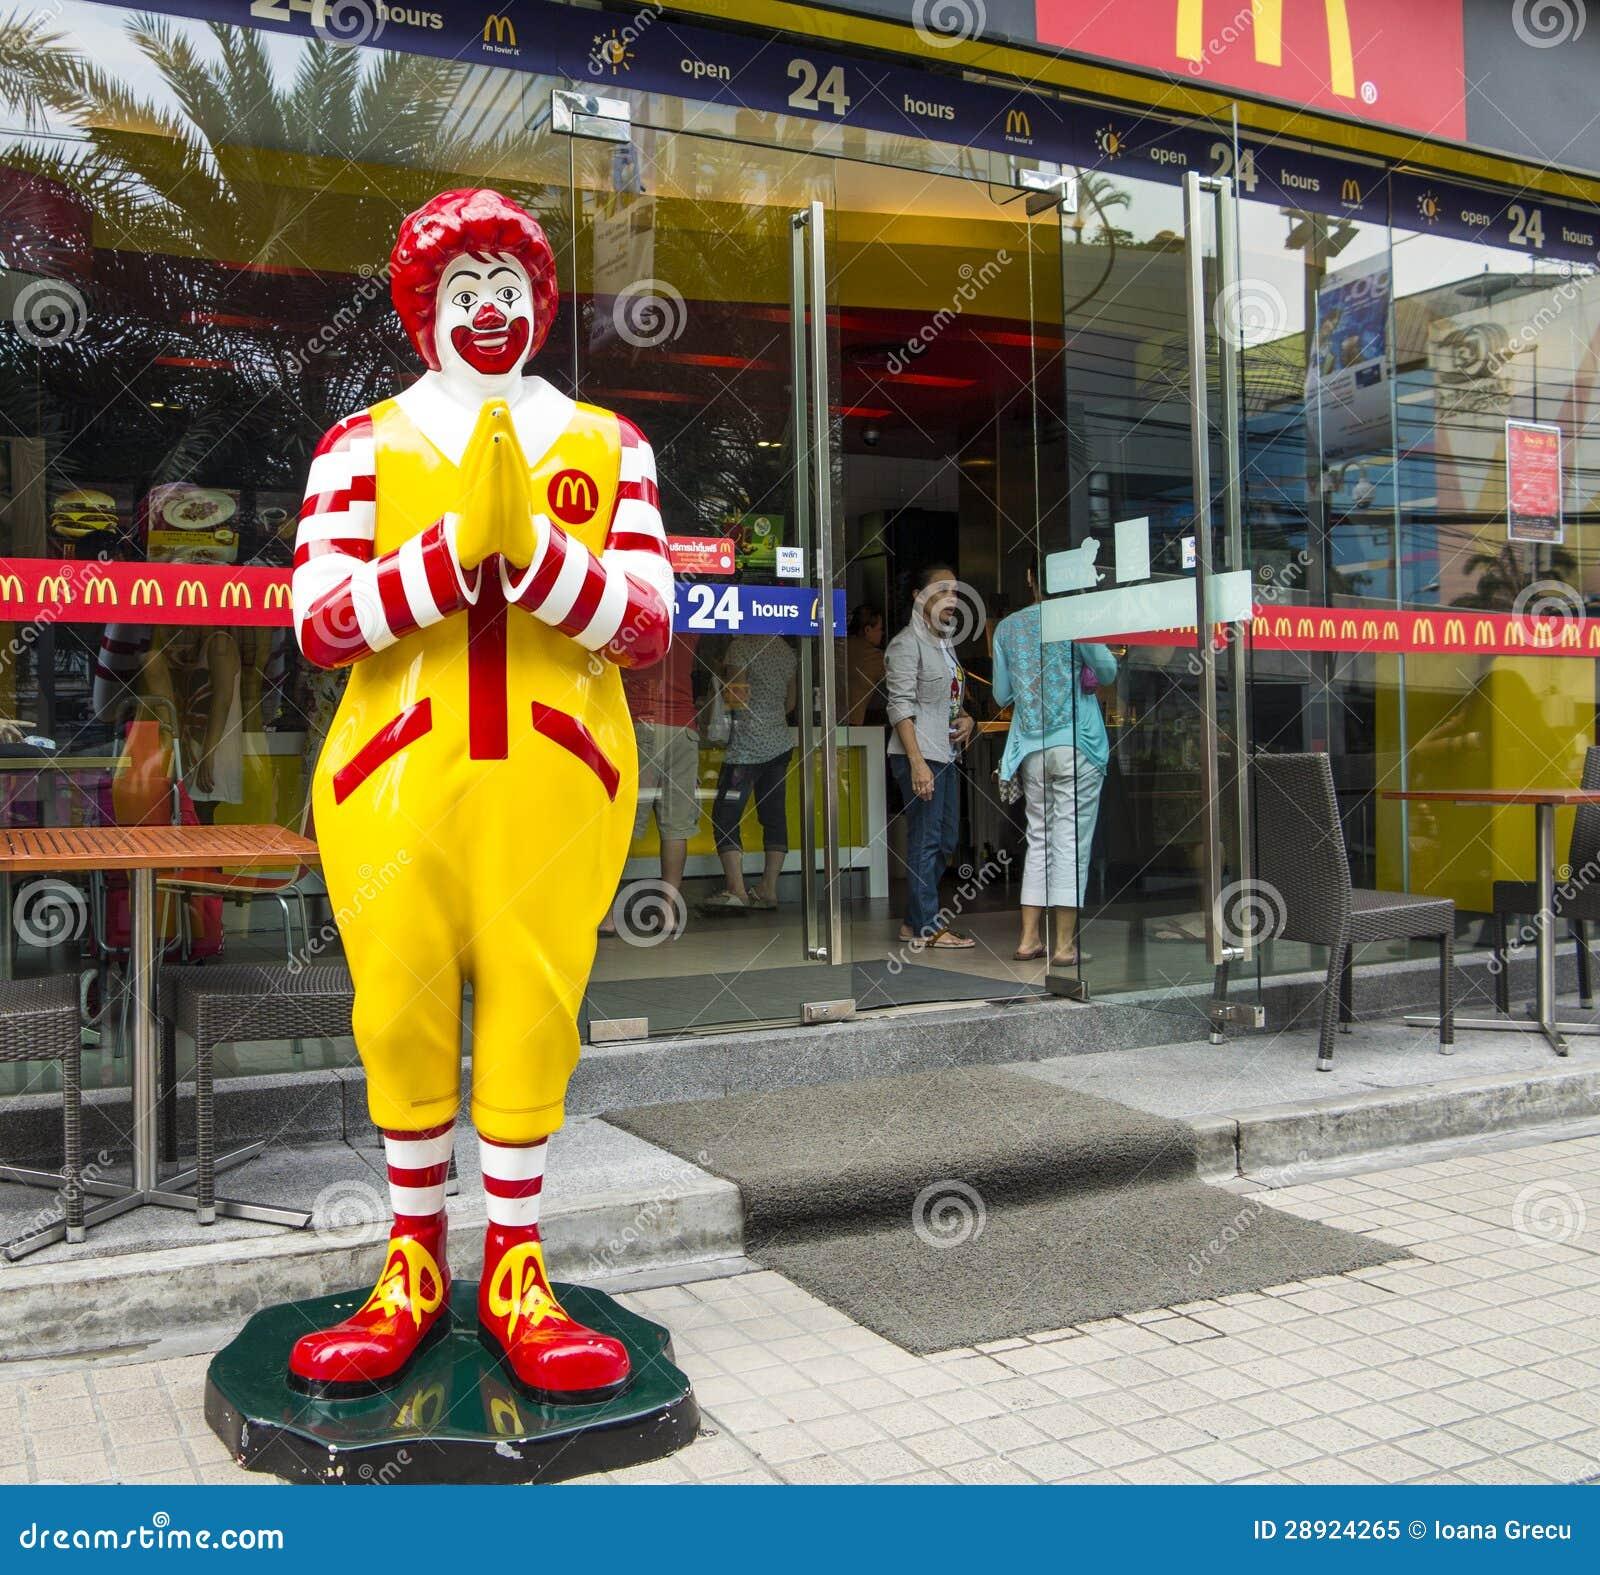 Fast Food Restaurants In Thailand